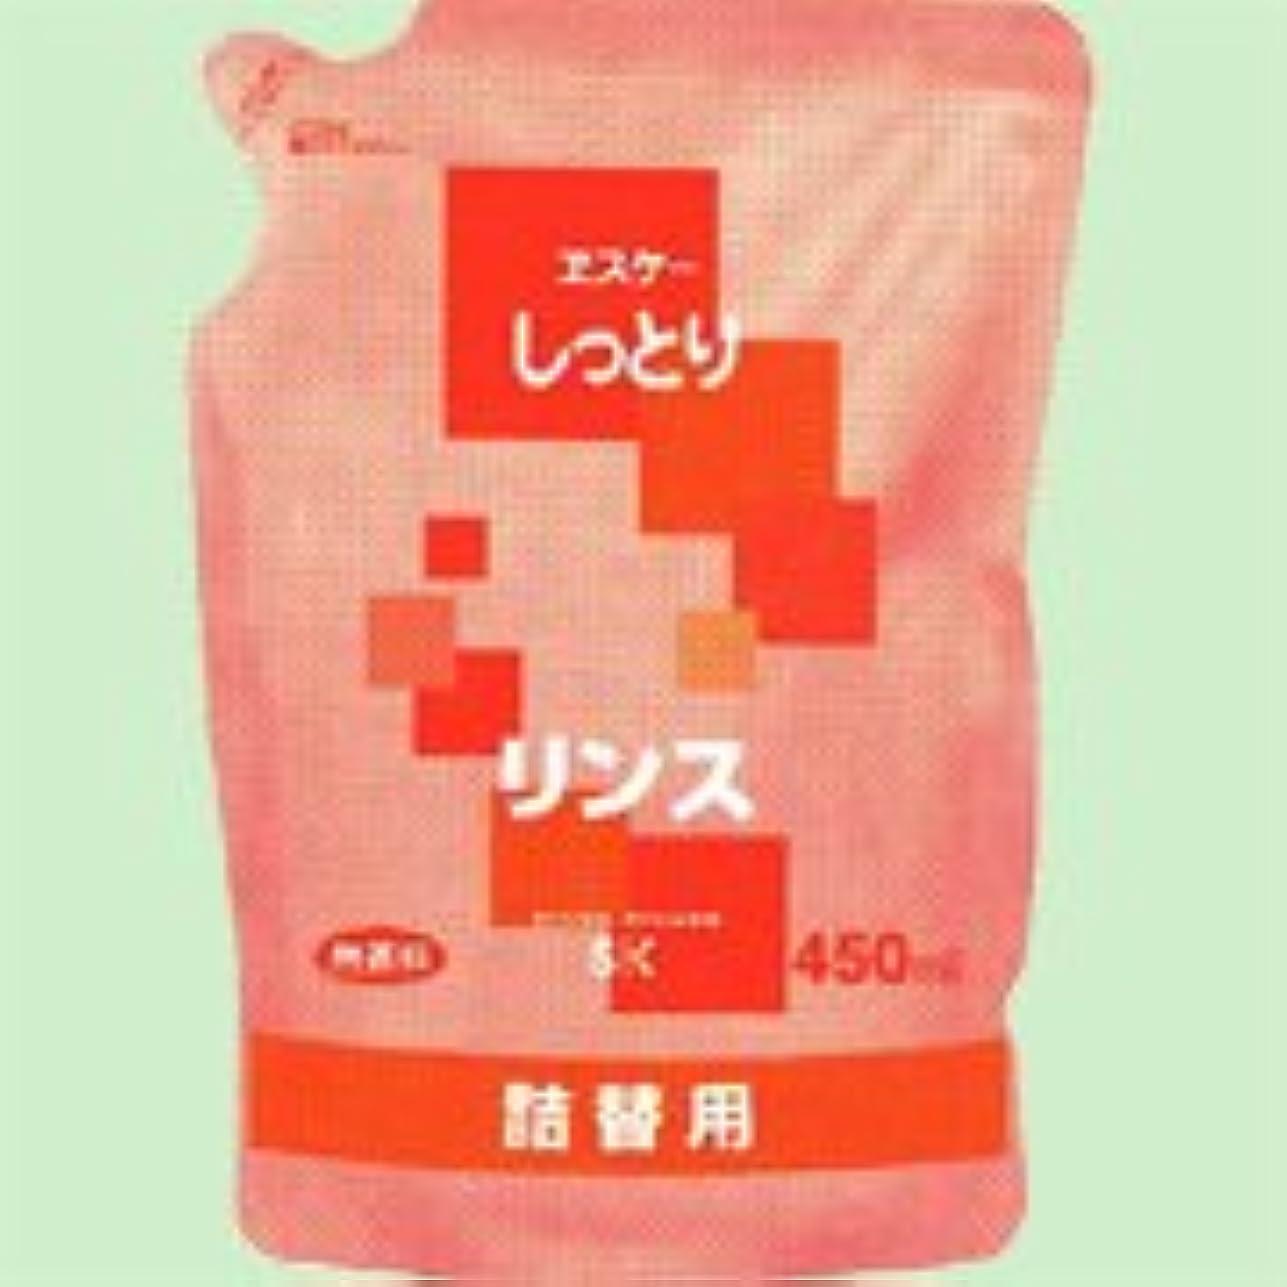 悔い改めレンダー小石しっとりリンス 詰替用 450ml    ヱスケー石鹸